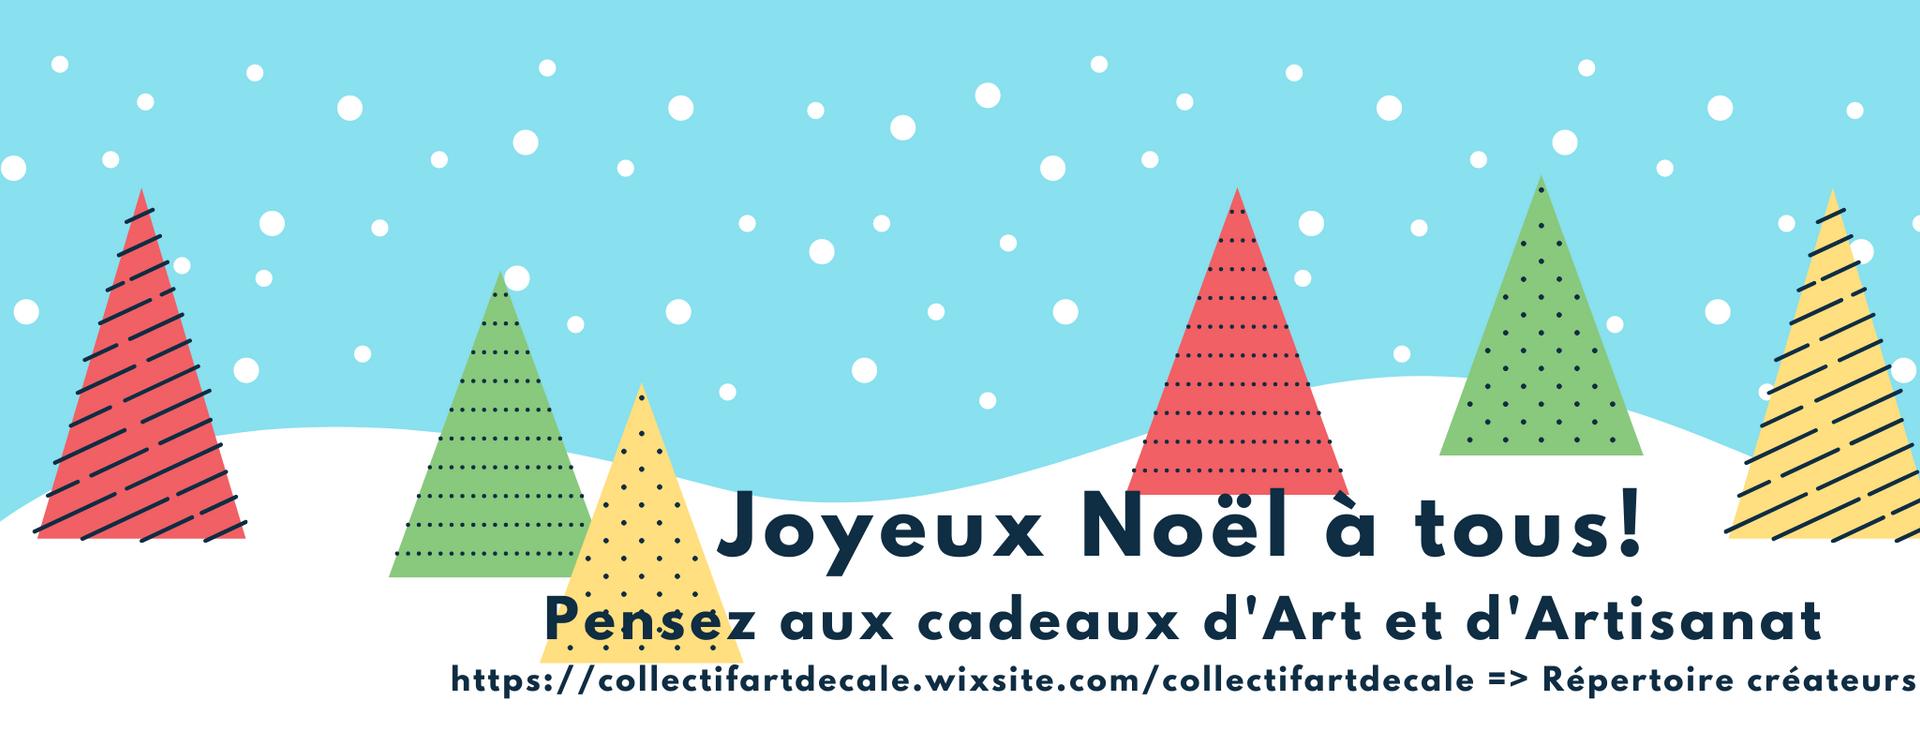 joyeuxnoel-collectifartdecale66.png